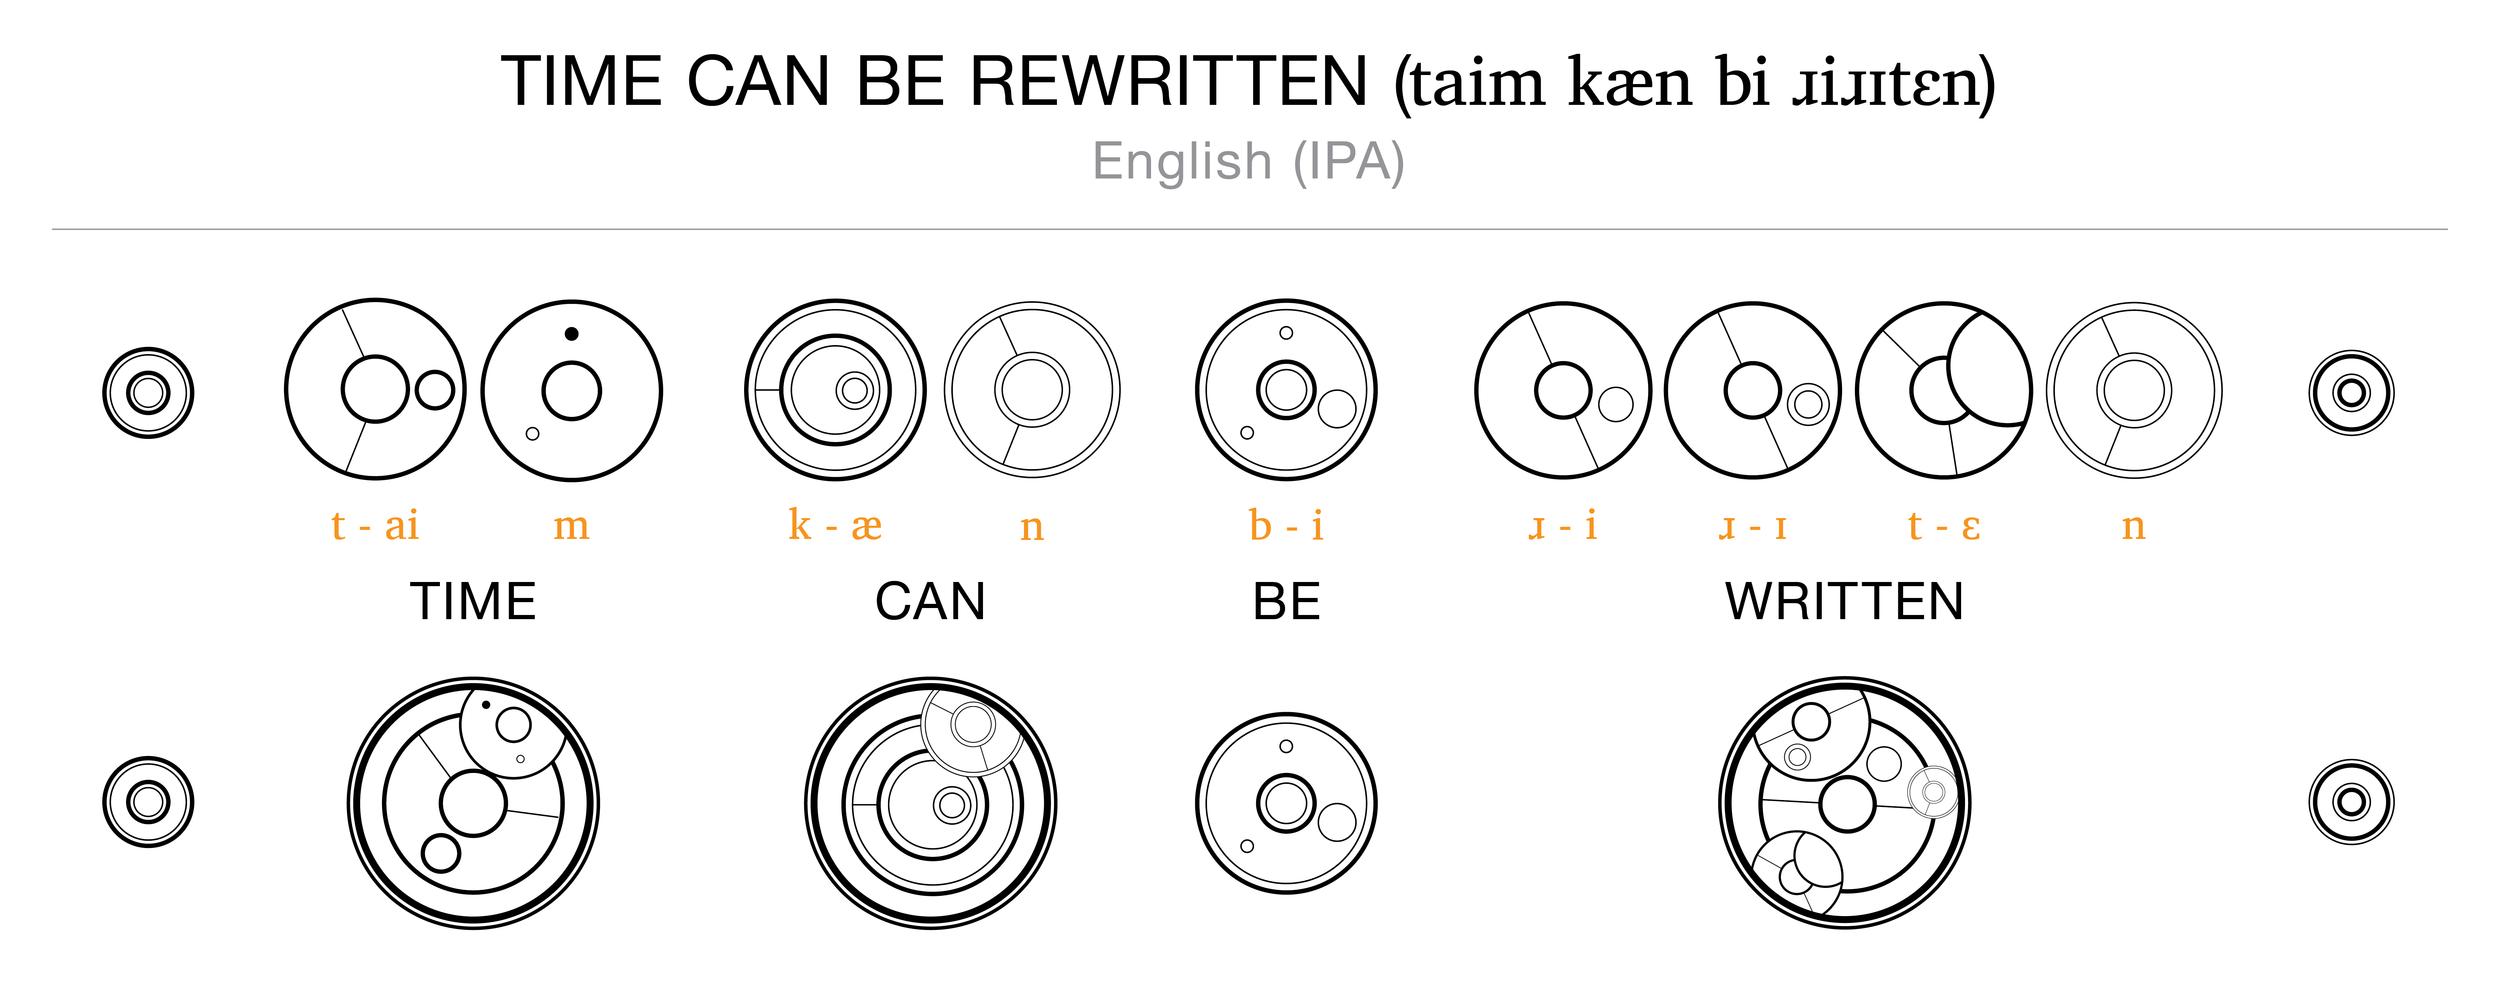 TimeCanBeRewritten-01.png